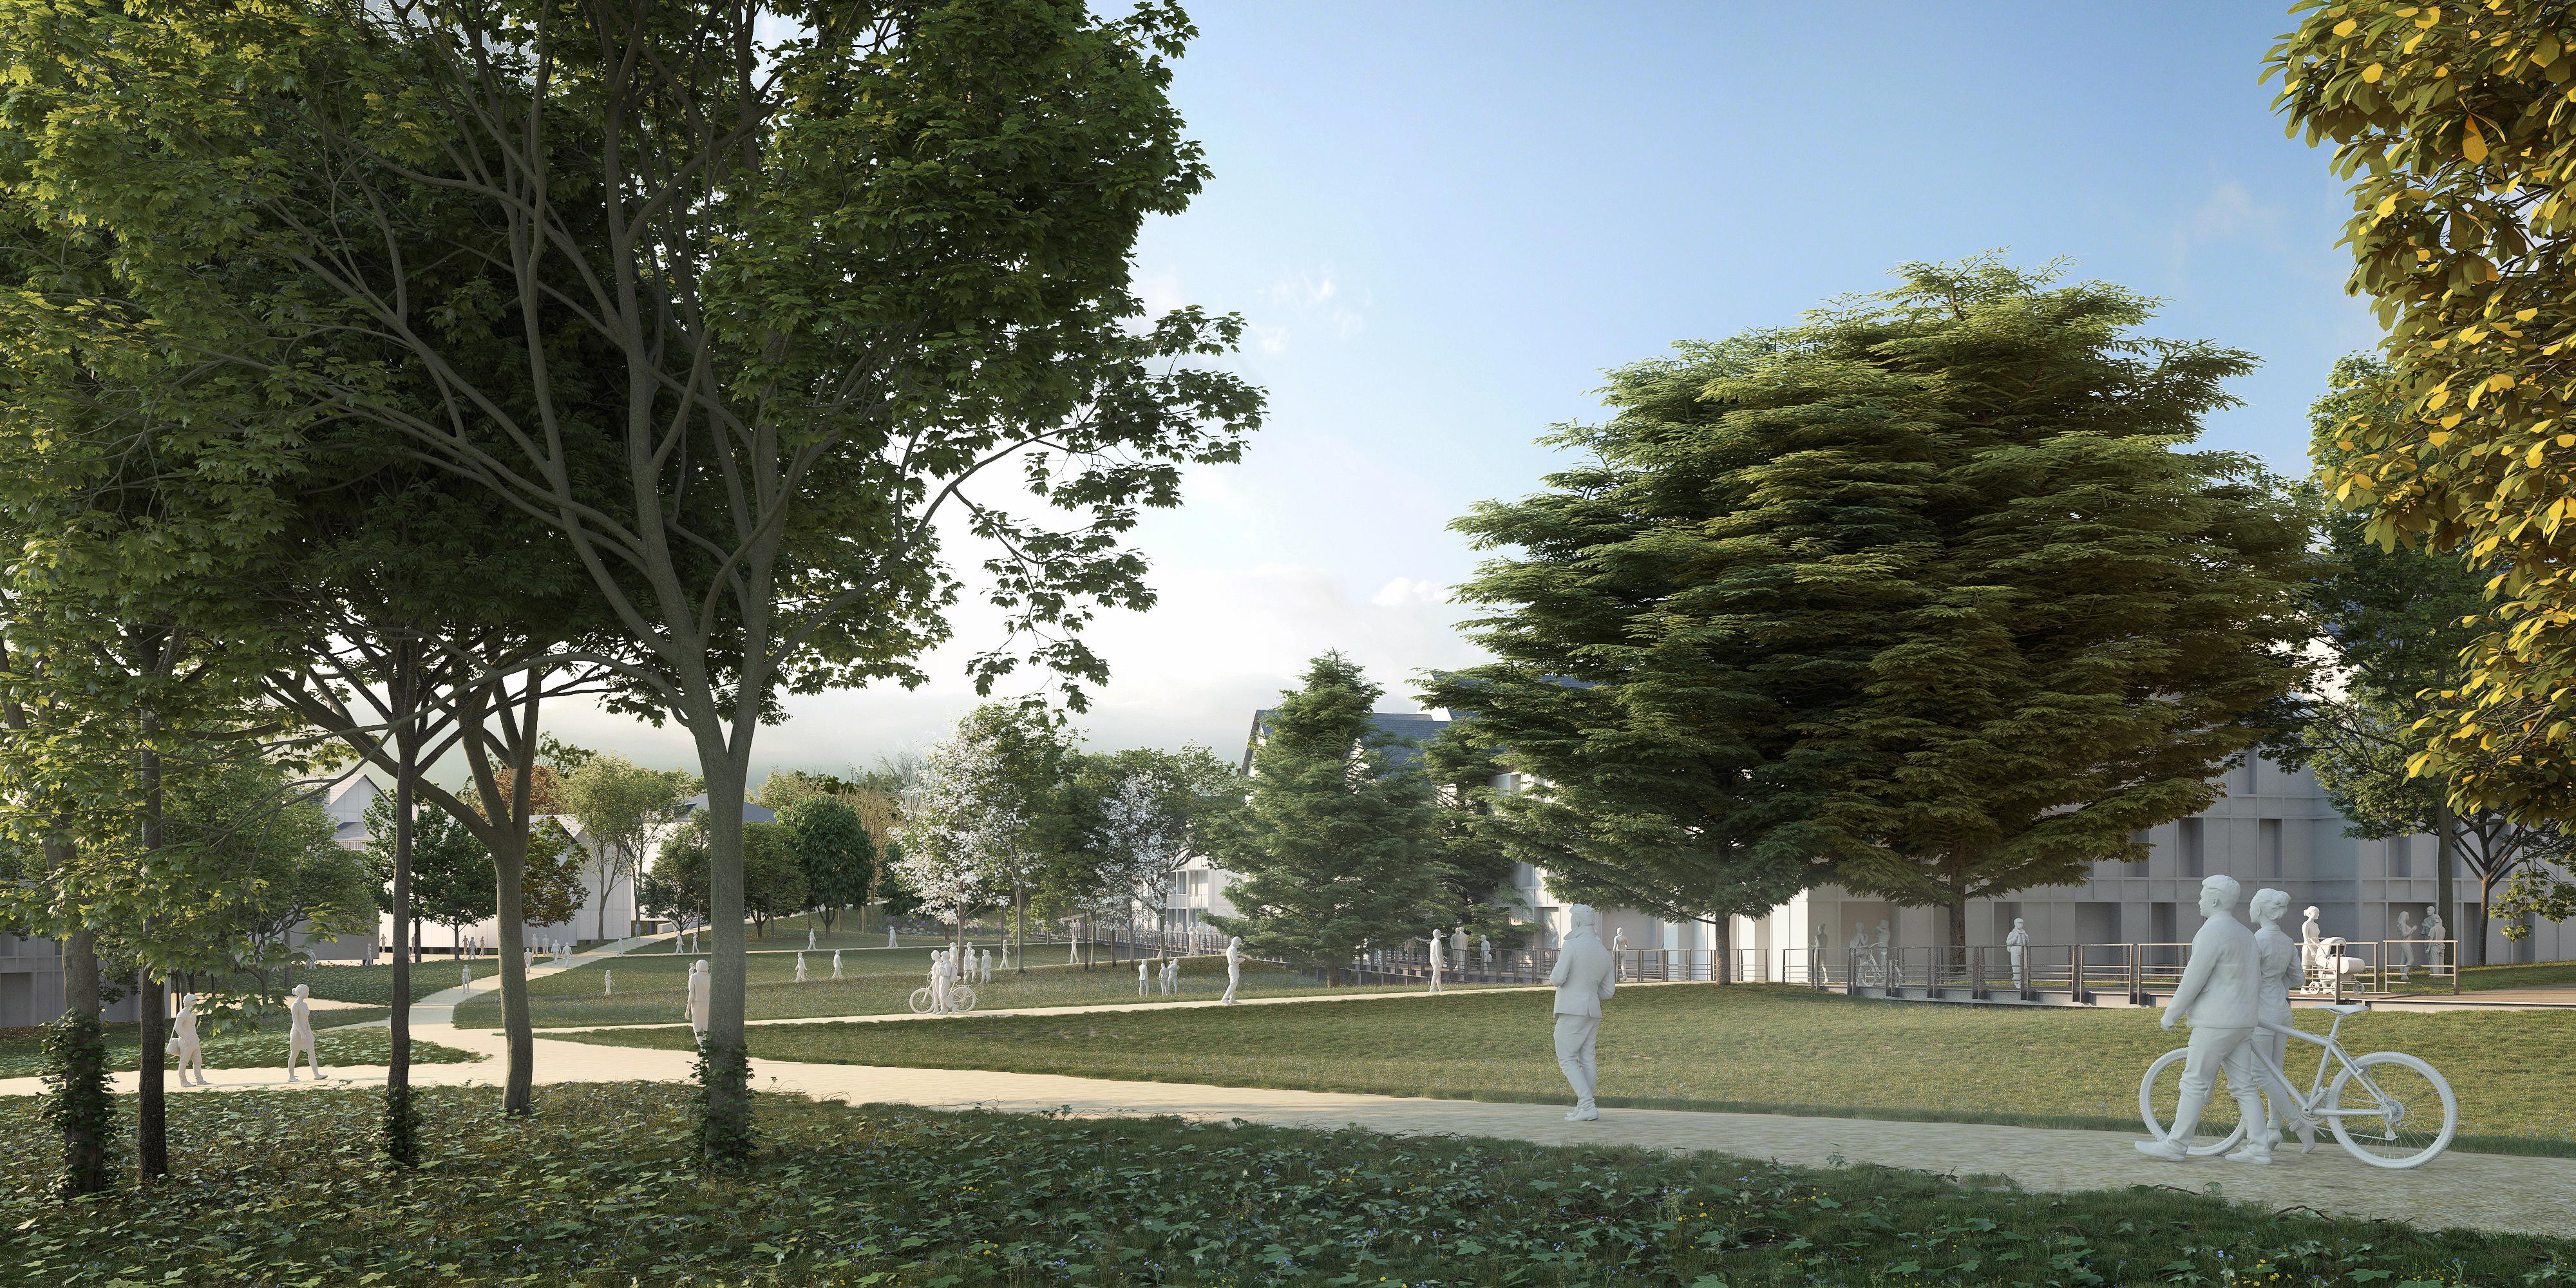 Studio Persevoir Conception Du Quartier Eco Bodelio Lorient Chemettof Et Associés Image 3D Perspective 3D